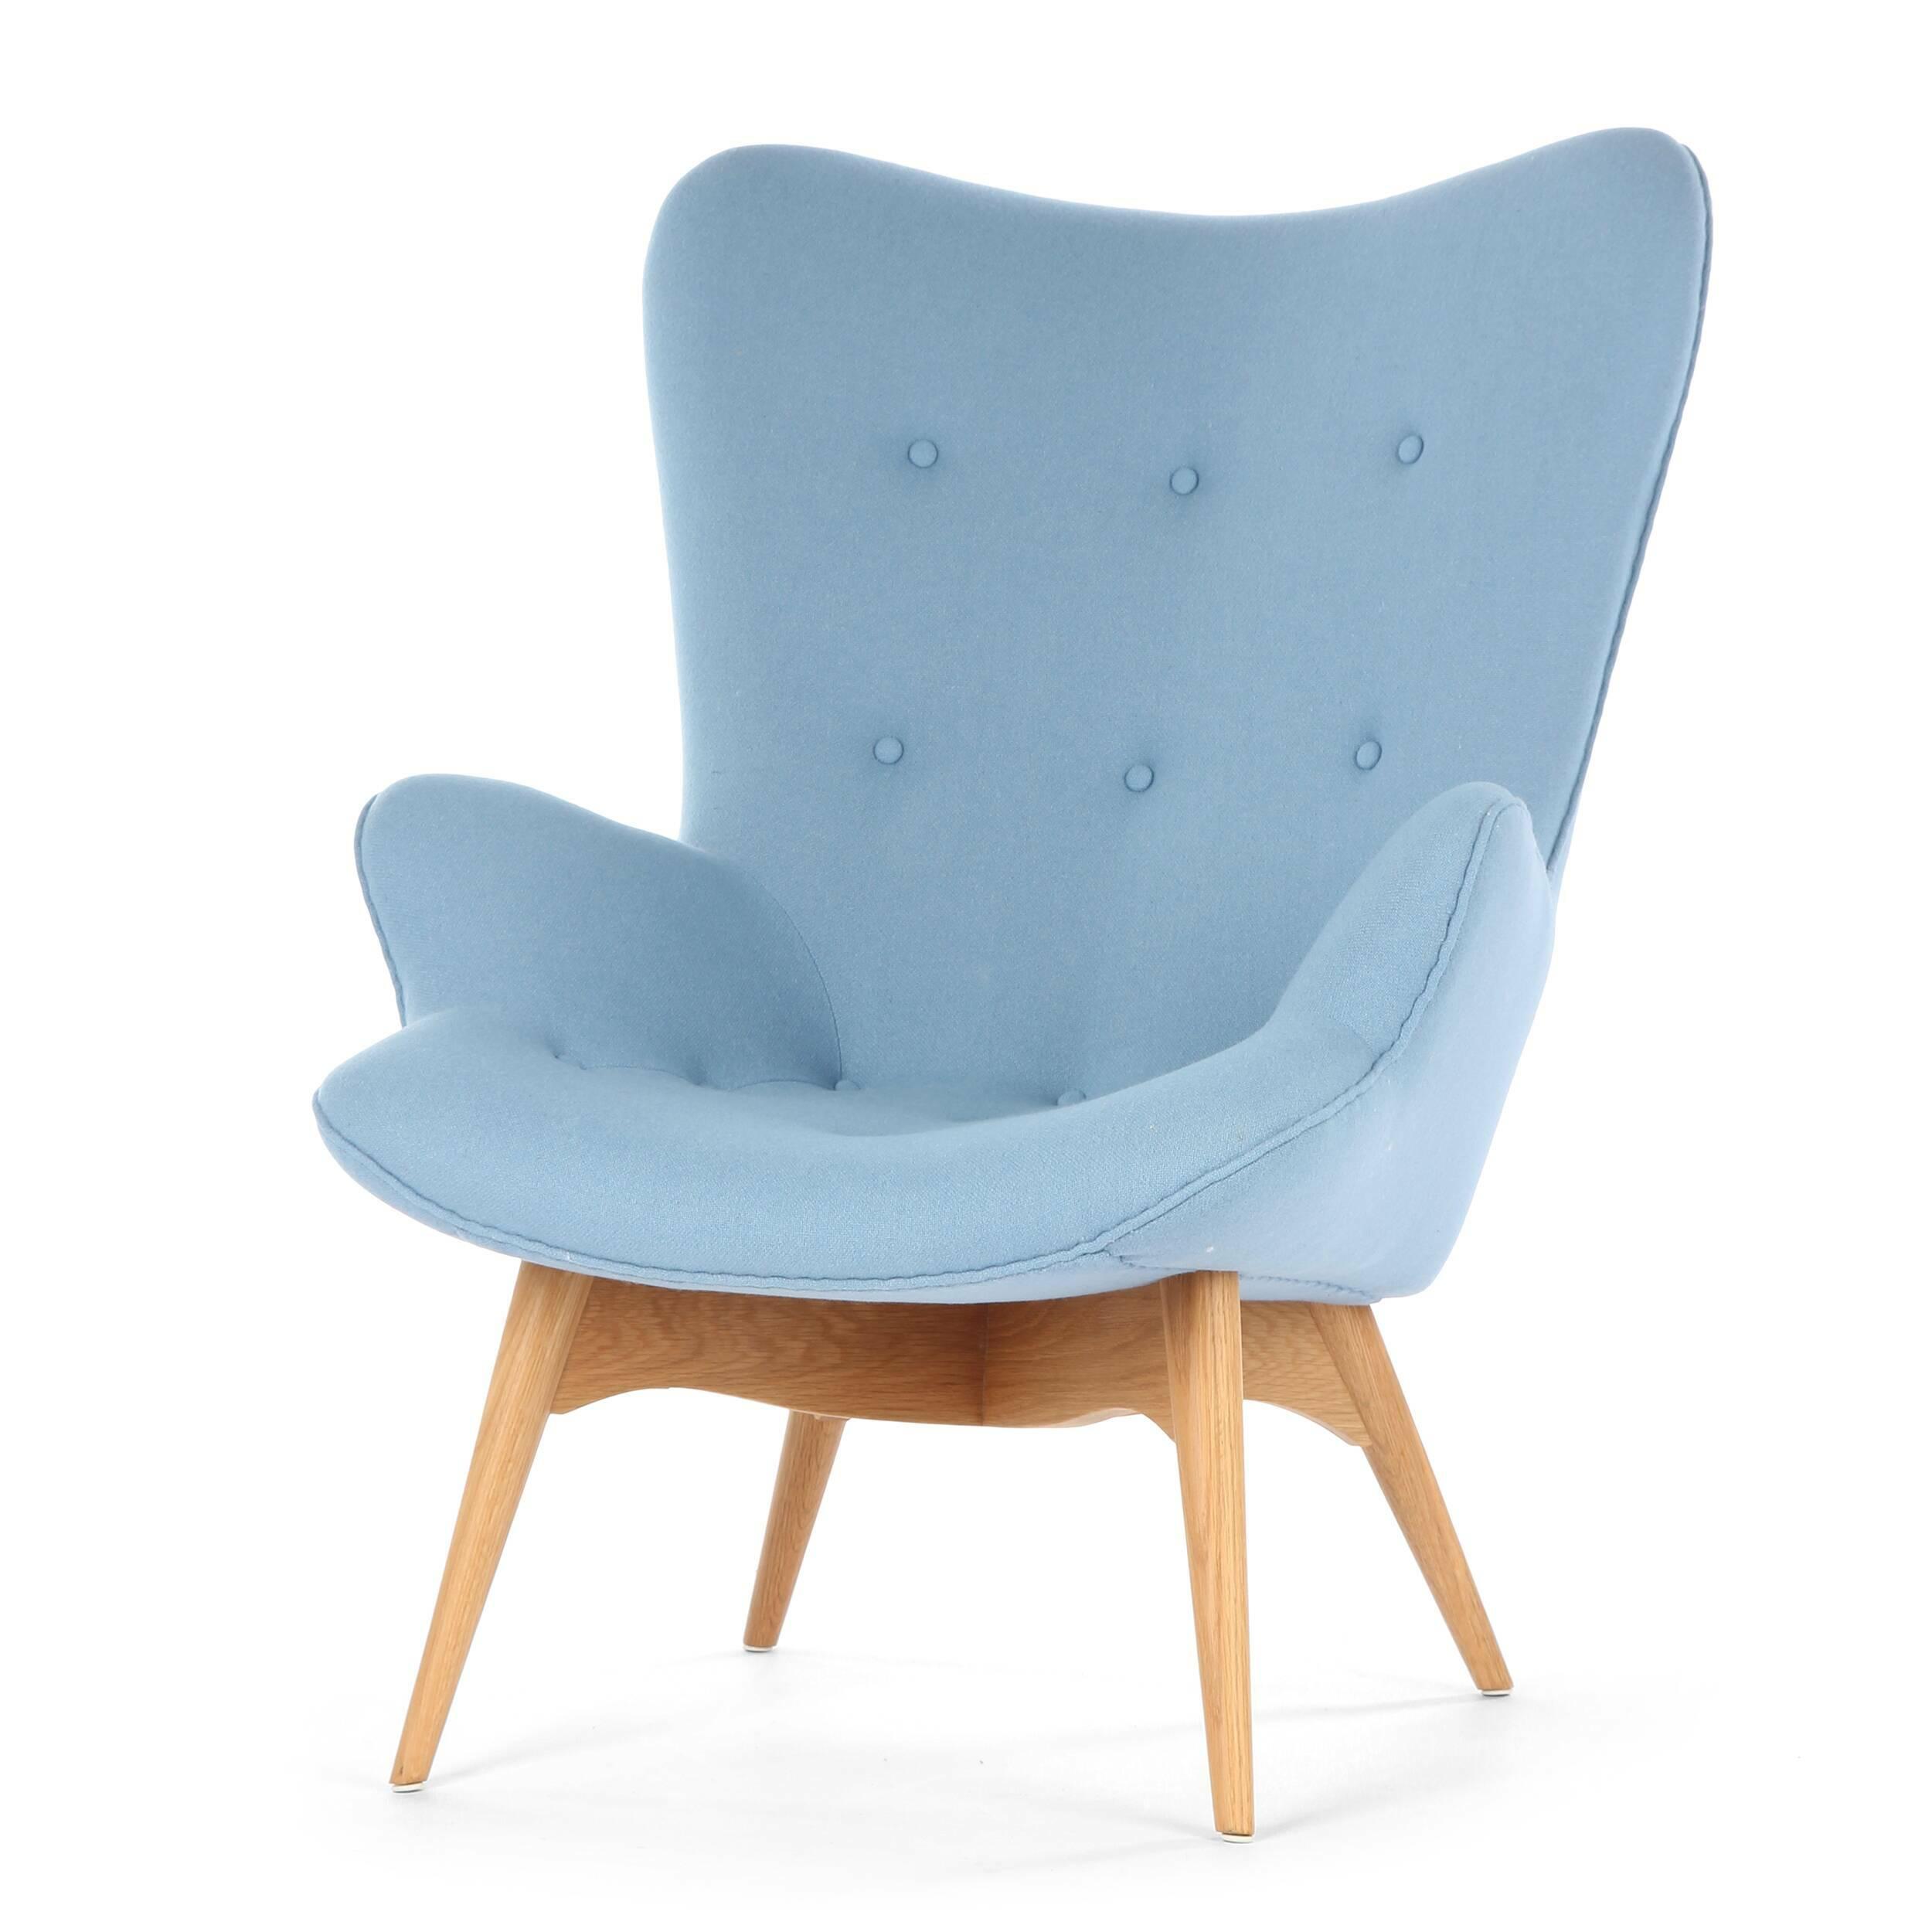 Кресло Contour 2Интерьерные<br>Дизайнерское глубокое кресло Contour 2 (Кантур 2) обивкой из ткани на деревянных ножках от Cosmo (Космо).<br><br><br> Австралийцы любят хороший дизайн во всем, от оформления винных бочонков до серферных досок. Одним из самых ярких дизайнеров стал художник Грант Фезерстон, который начал заниматься дизайном в сороковых годах прошлого столетия и с тех пор стал иконой стиля во всем мире.<br><br><br> Идеальное как для прихожей, так и для гостиной, оригинальное кресло Contour знаменует собой значительный о...<br><br>stock: 2<br>Высота: 91<br>Высота сиденья: 37<br>Ширина: 73,5<br>Глубина: 83<br>Цвет ножек: Дуб<br>Материал ножек: Массив дуба<br>Материал обивки: Шерсть, Нейлон<br>Коллекция ткани: T Fabric<br>Тип материала обивки: Ткань<br>Тип материала ножек: Дерево<br>Цвет обивки: Светло-голубой